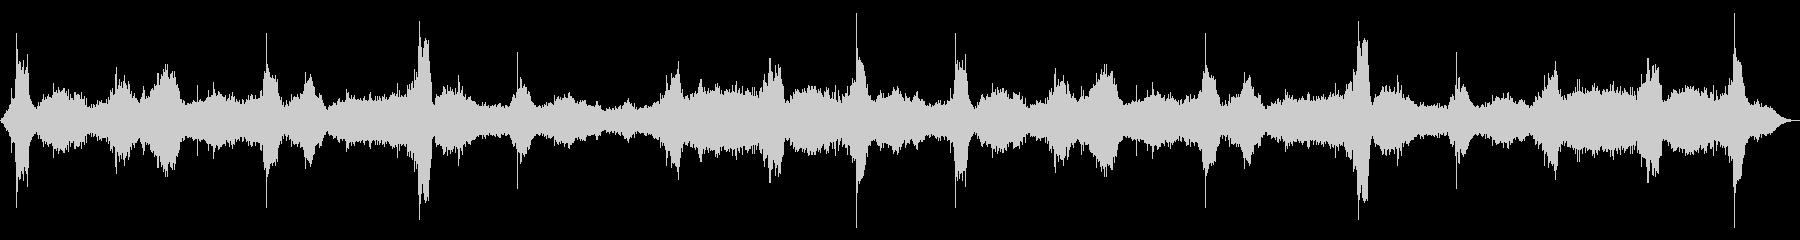 [生録音]海、波の音02(Lo-fi版)の未再生の波形